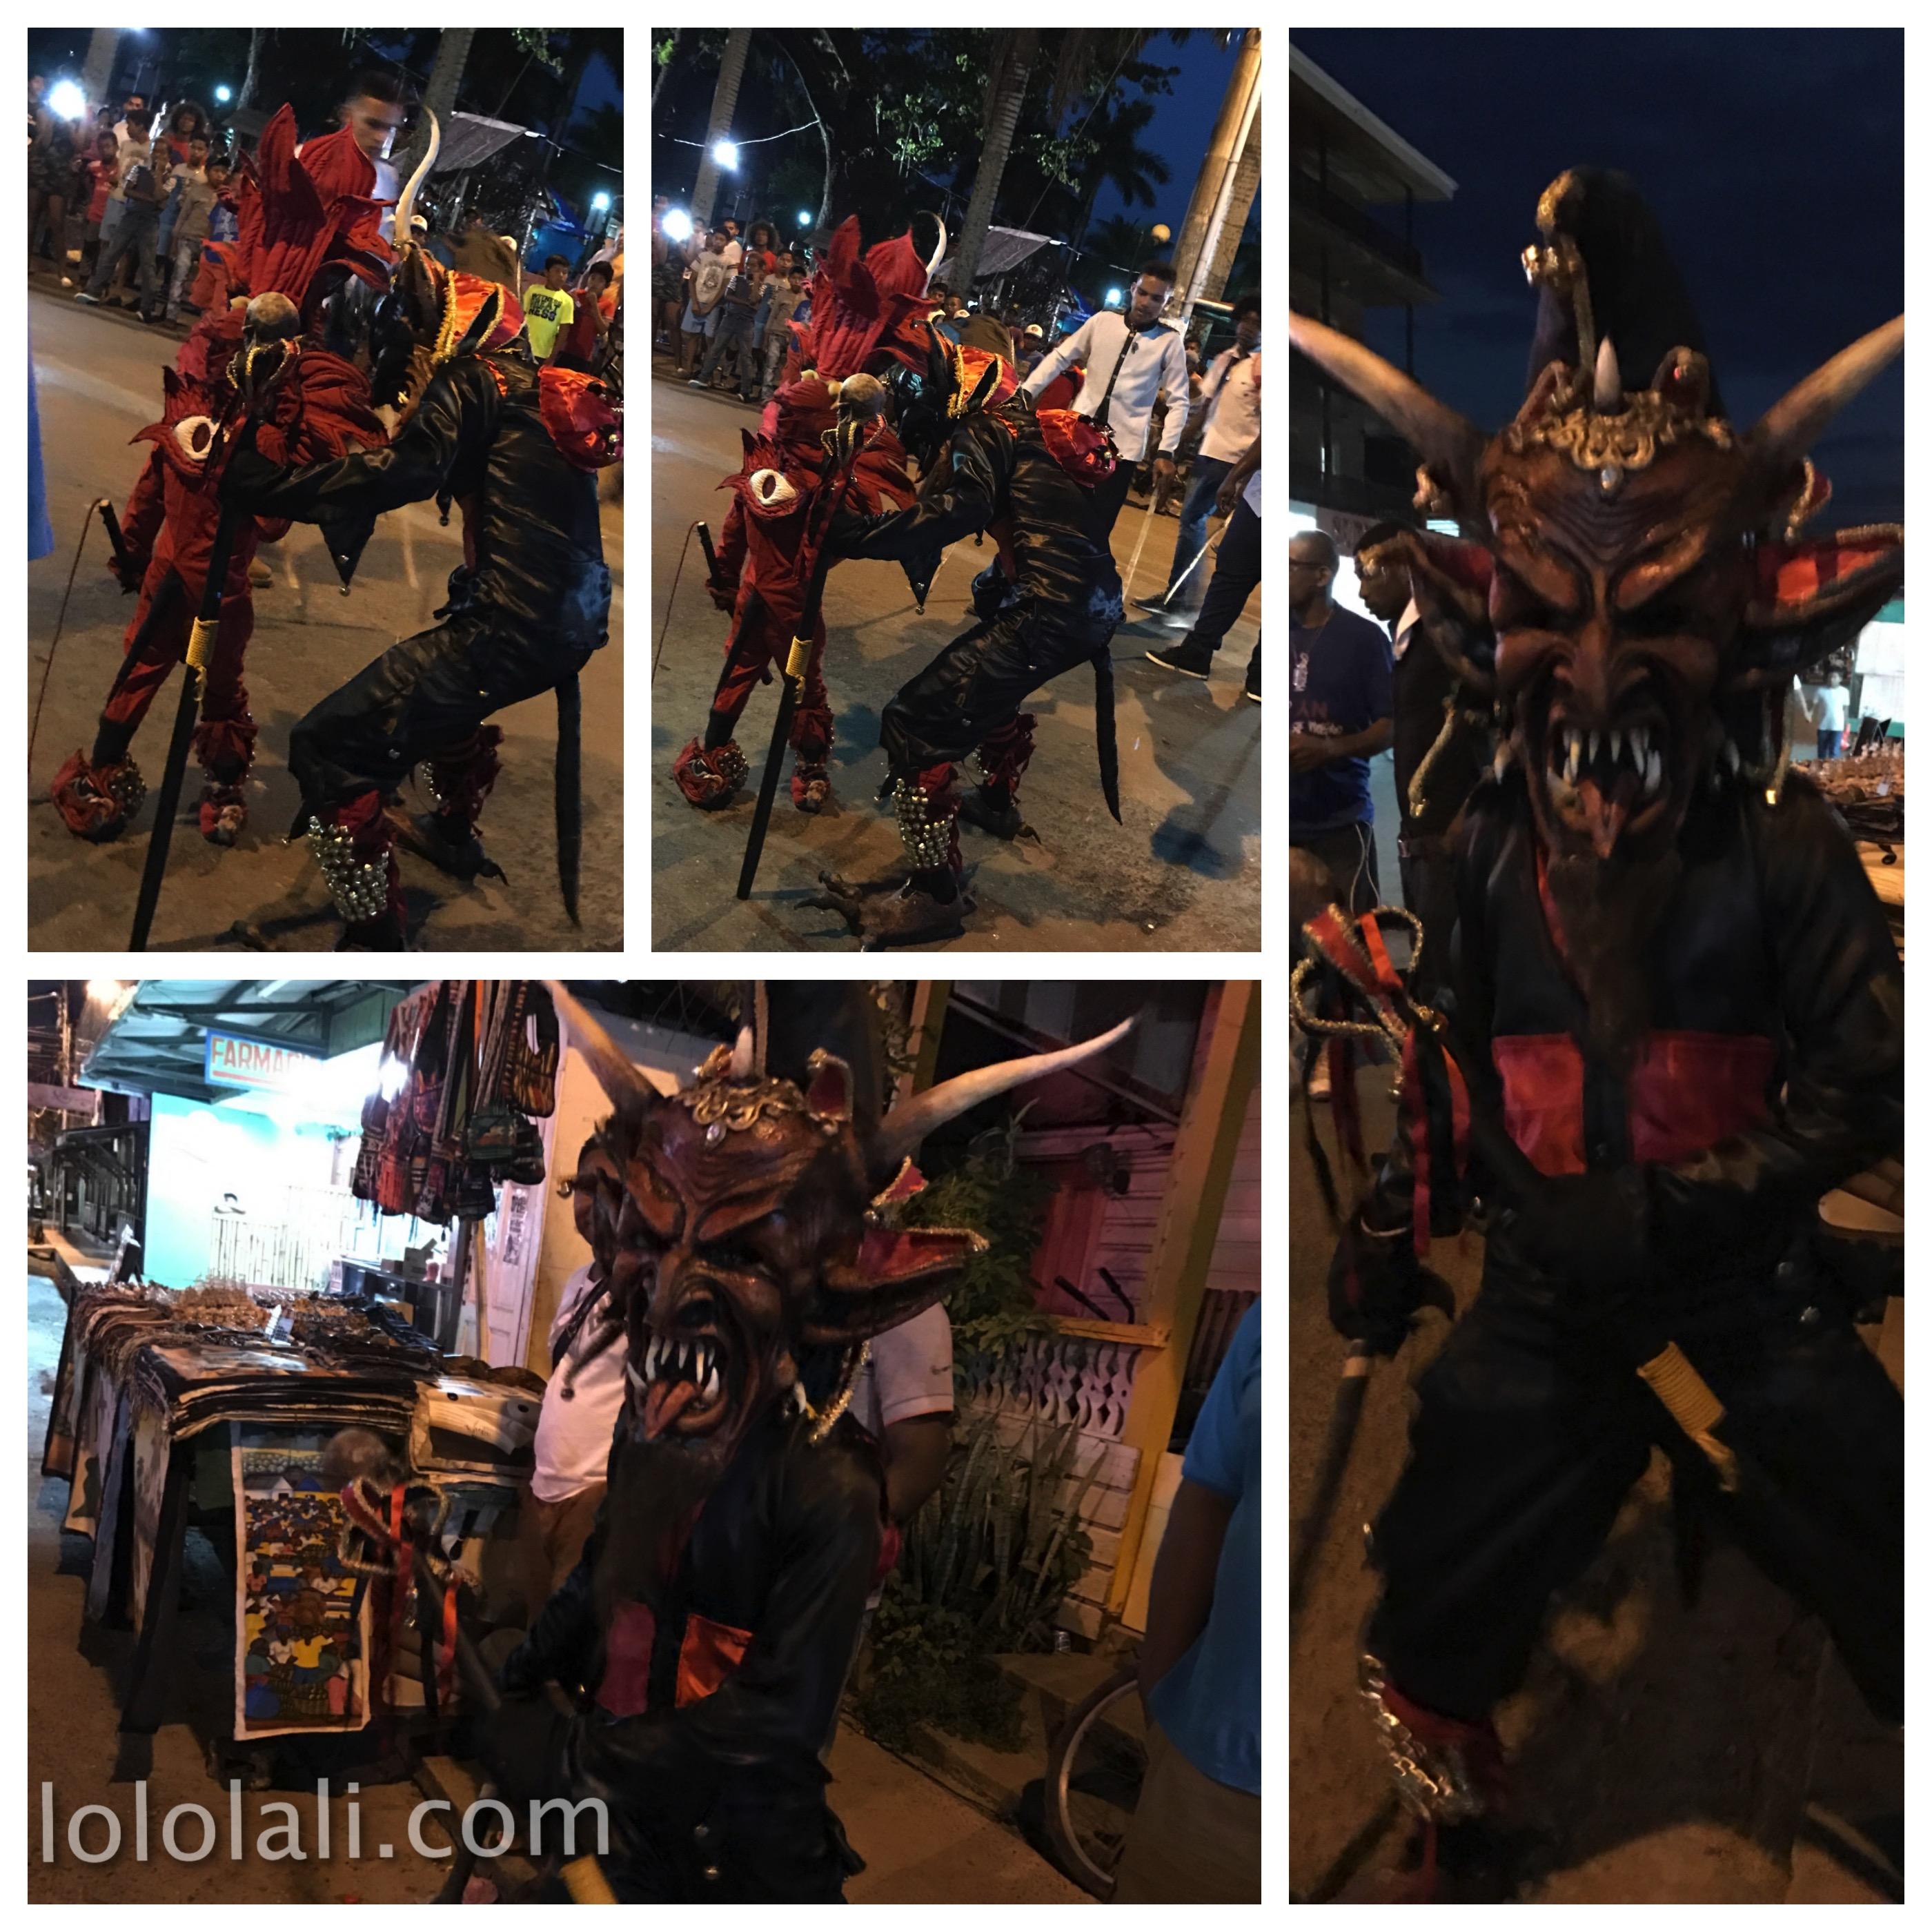 Carnavales en la Isla Colón, Bocas del Toro, Panama